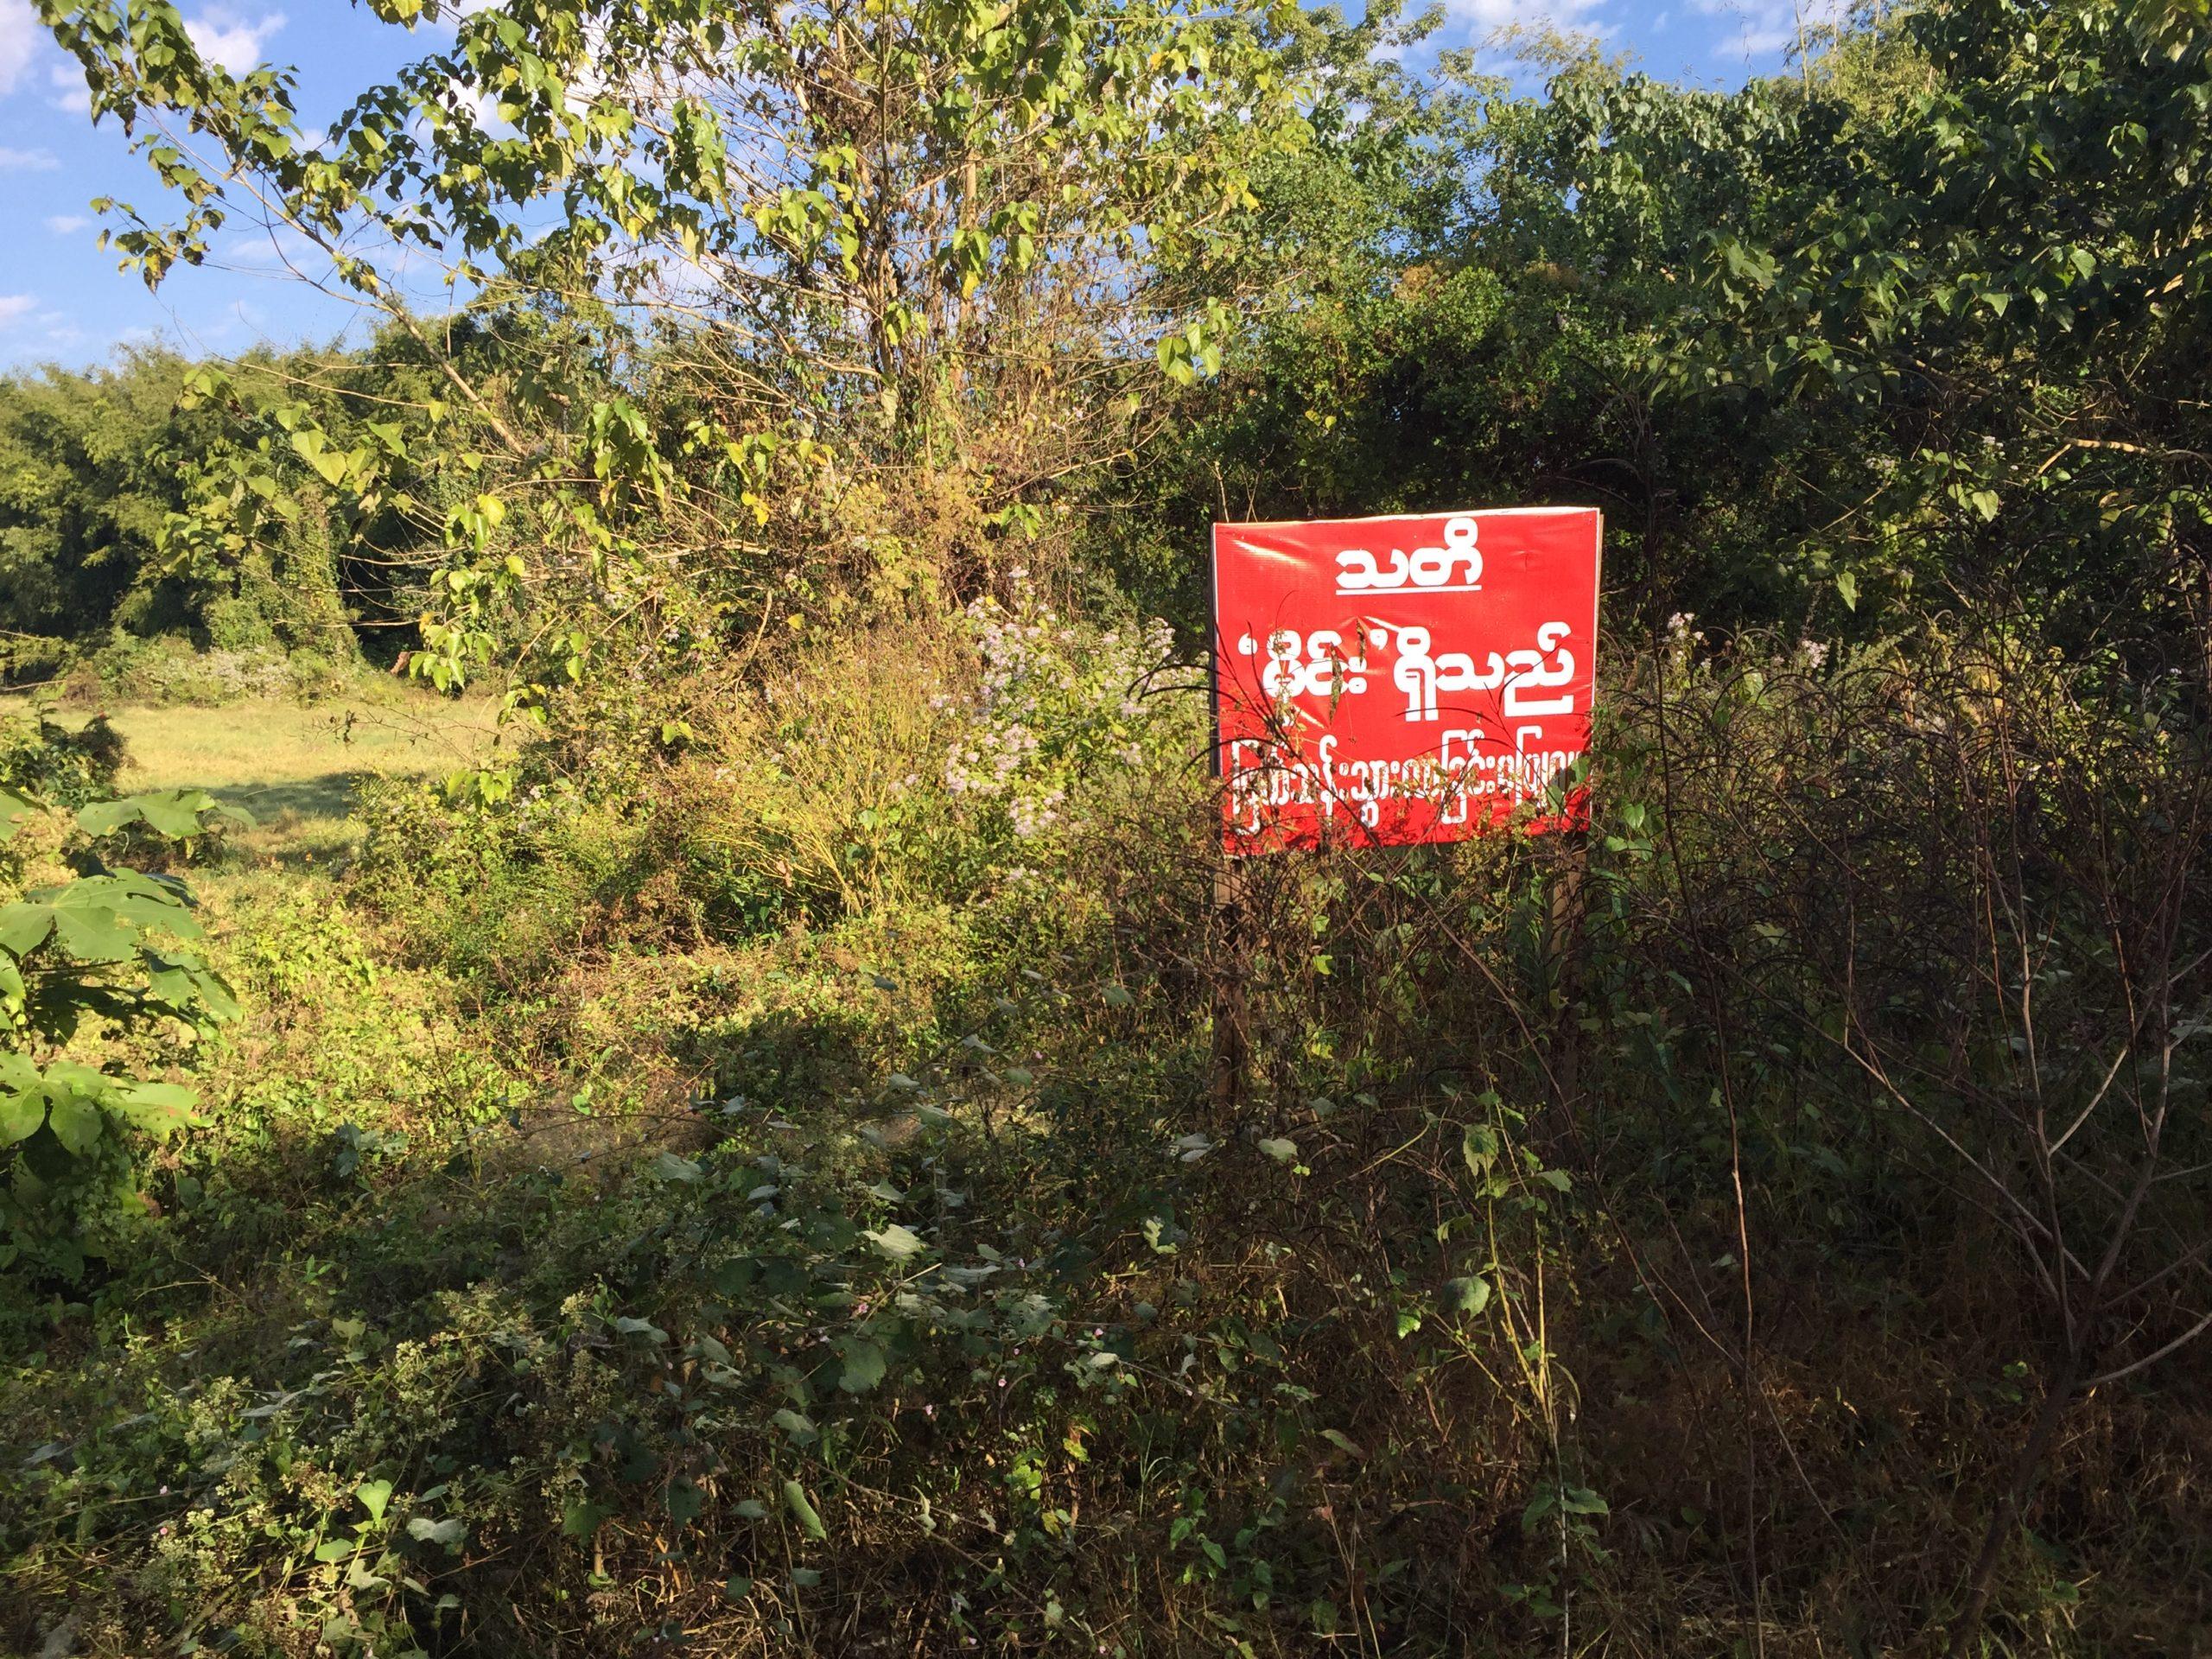 နမ်ဆန်ယန်ကျေးရွာတွင် မိုင်းရှင်းလင်းရေးပြုလုပ်